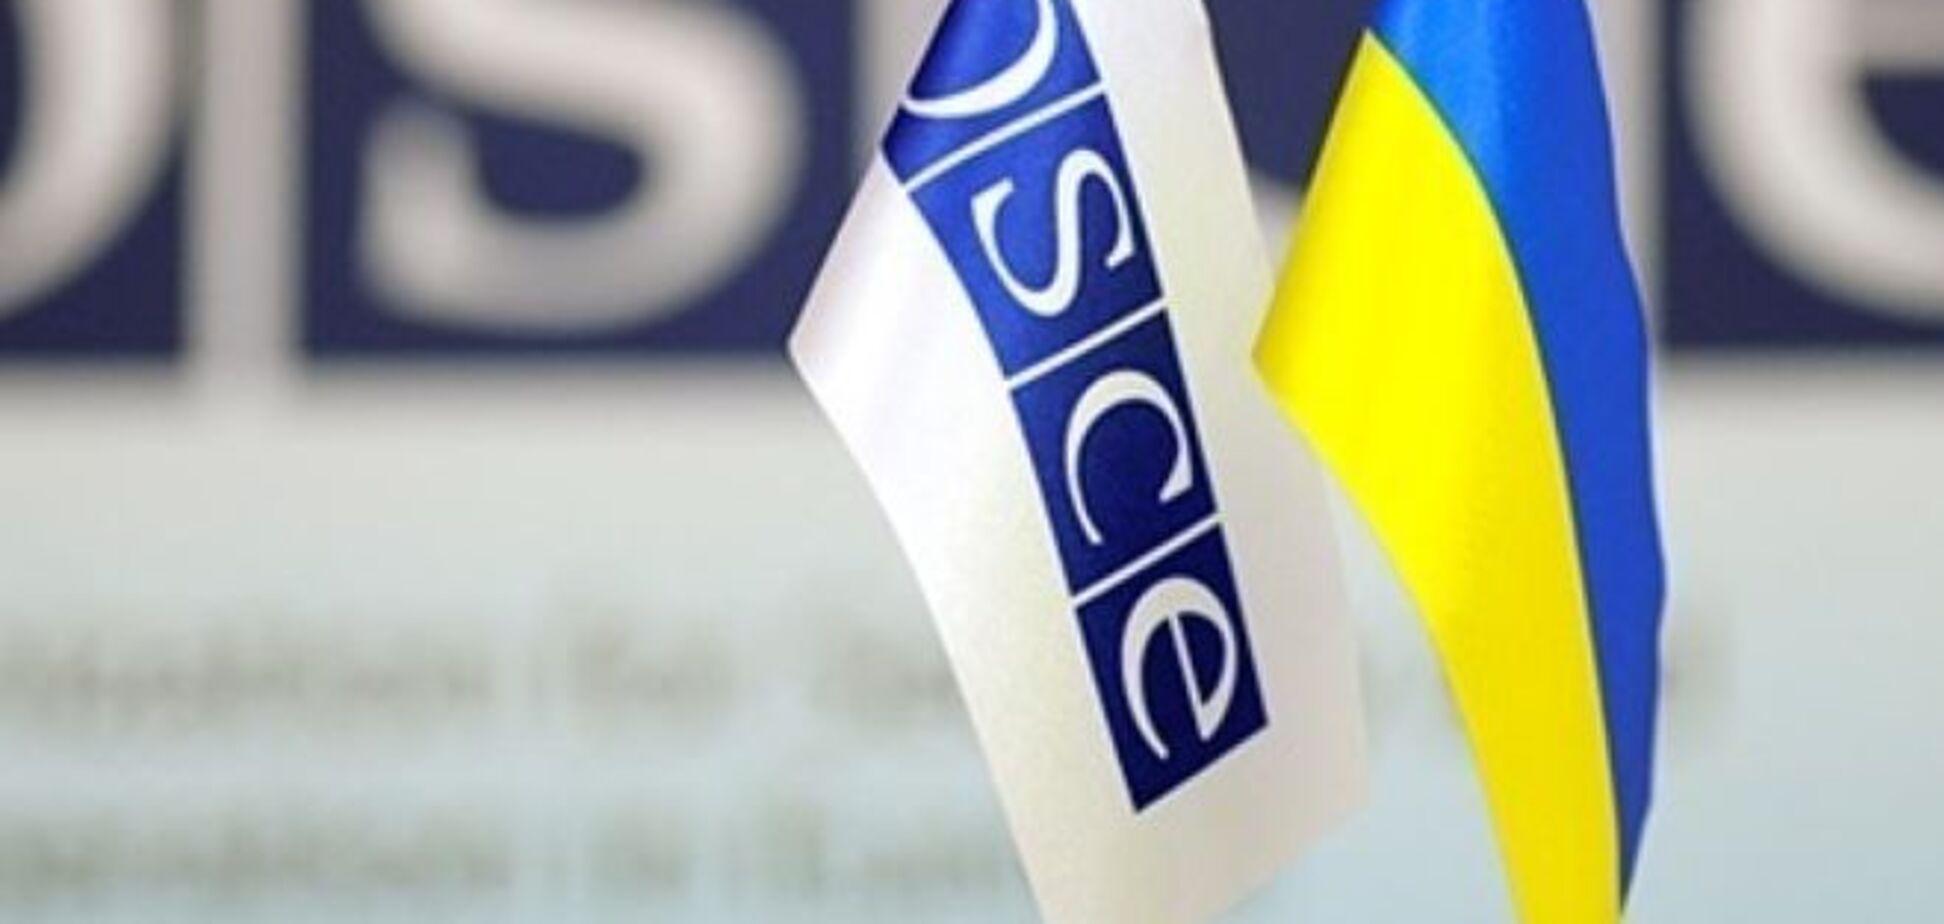 Отчет ОБСЕ по Марьинке: 'ДНР' общаться не захотела